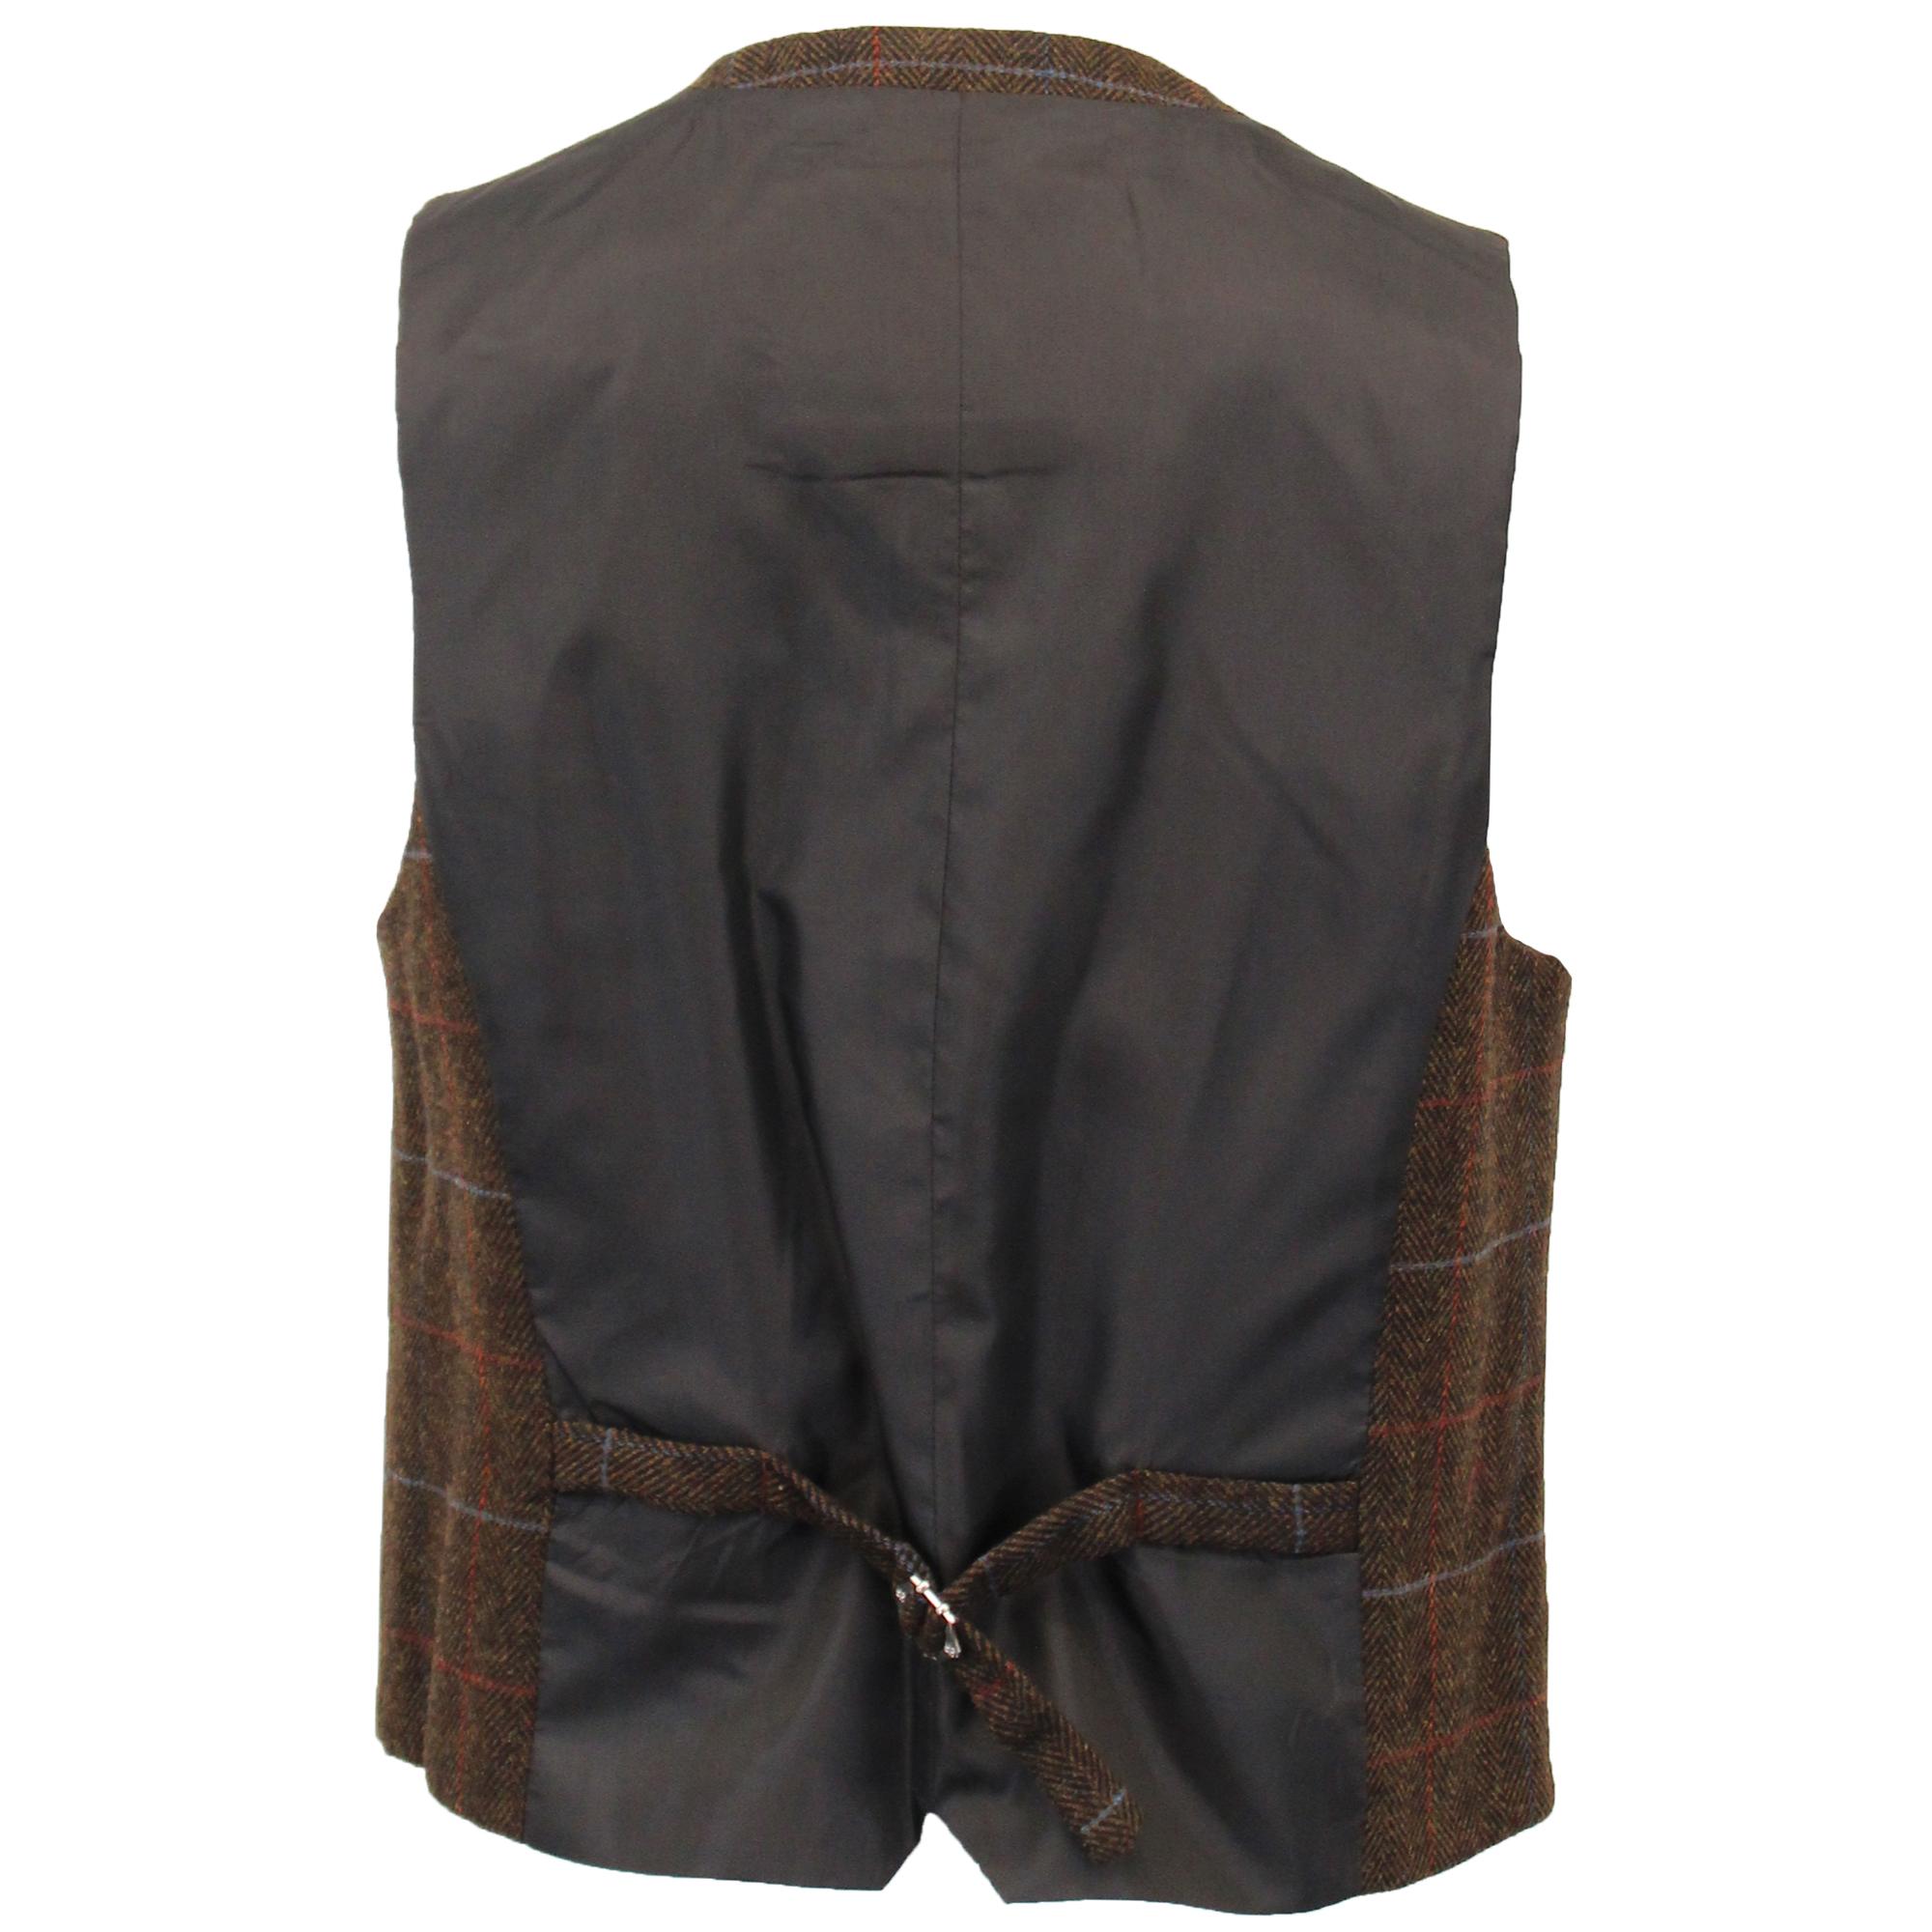 Para-hombre-Traje-de-3-Piezas-De-Lana-Mezcla-Tweed-Cavani-Blazer-Chaleco-Pantalones-palida miniatura 7